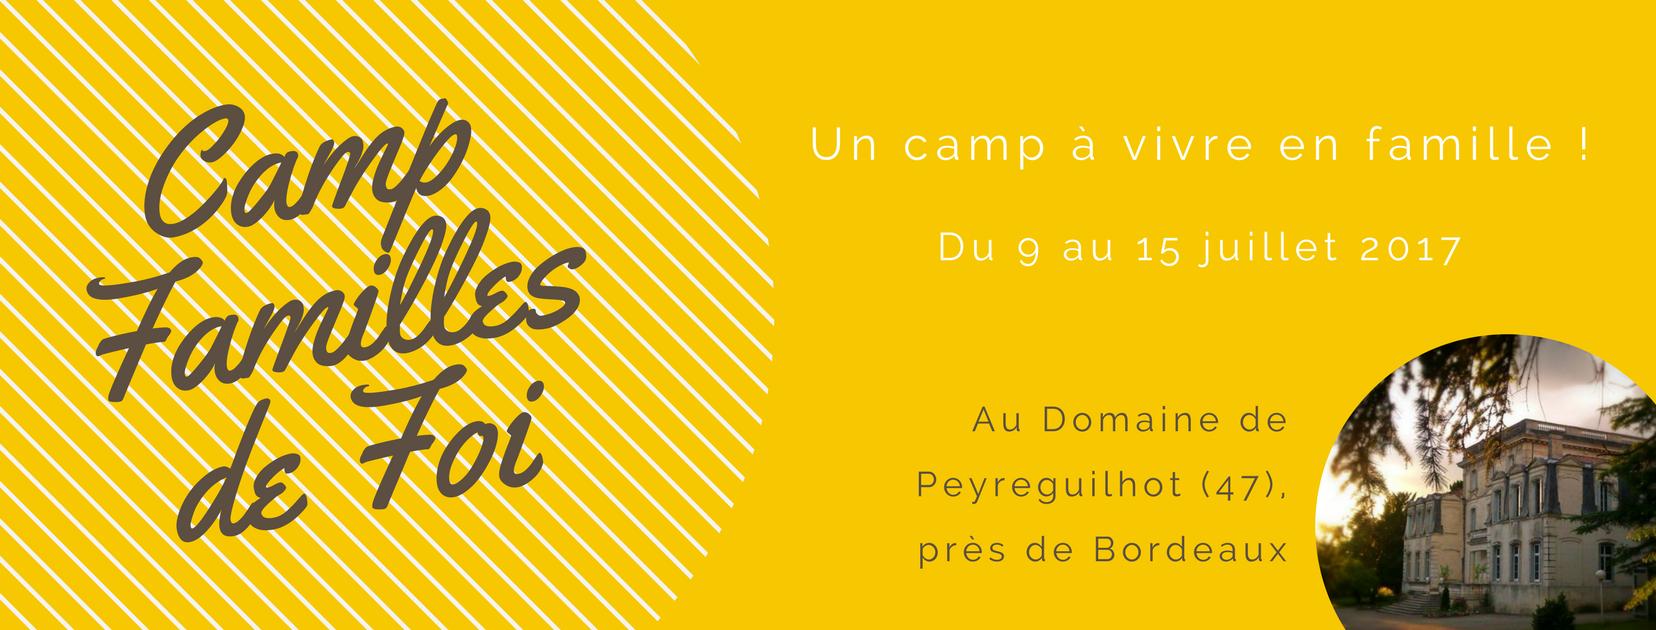 bannière Camp Familles de Foi 2017